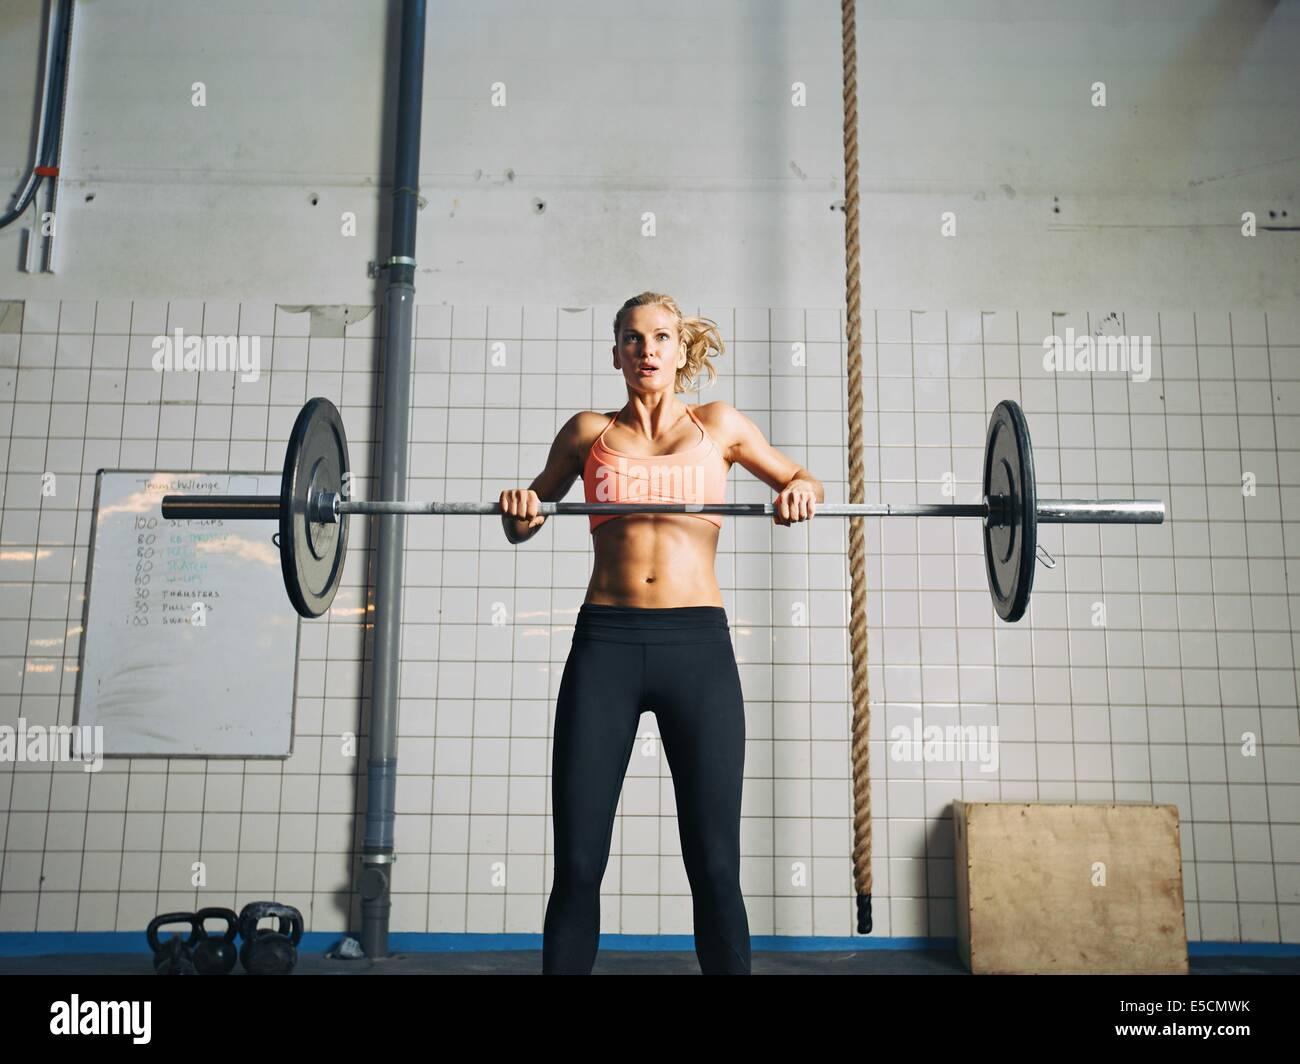 Starke junge Frau praktiziert Cross Fit in einem Fitnessstudio. Passen Sie die weiblichen hält eine Langhantel Stockbild